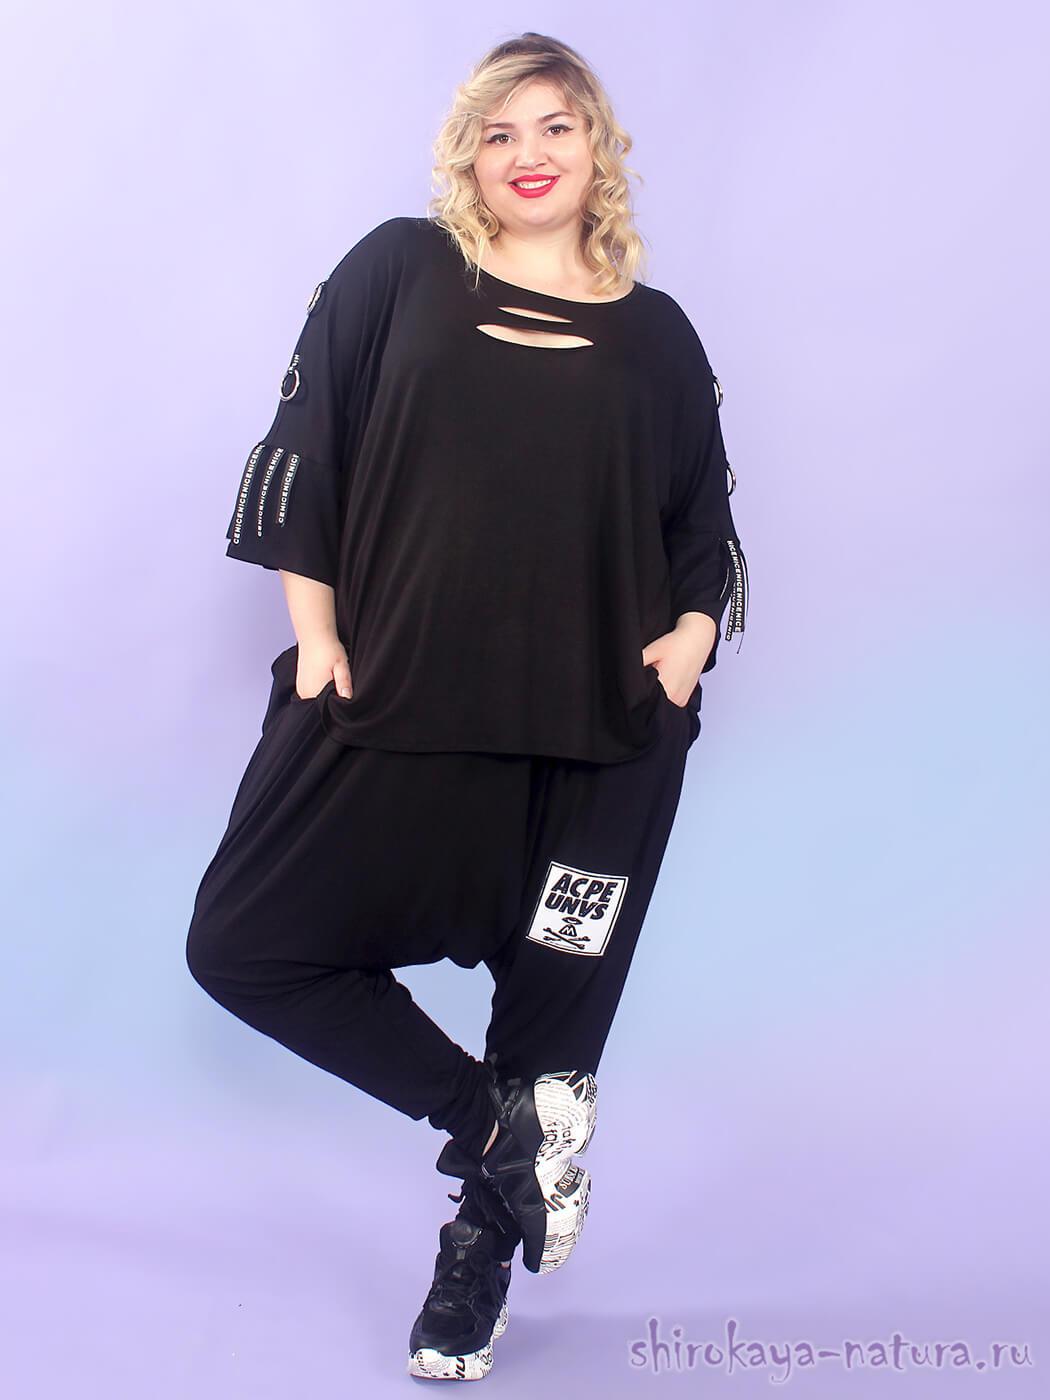 Женские штаны с мотней 74 размер